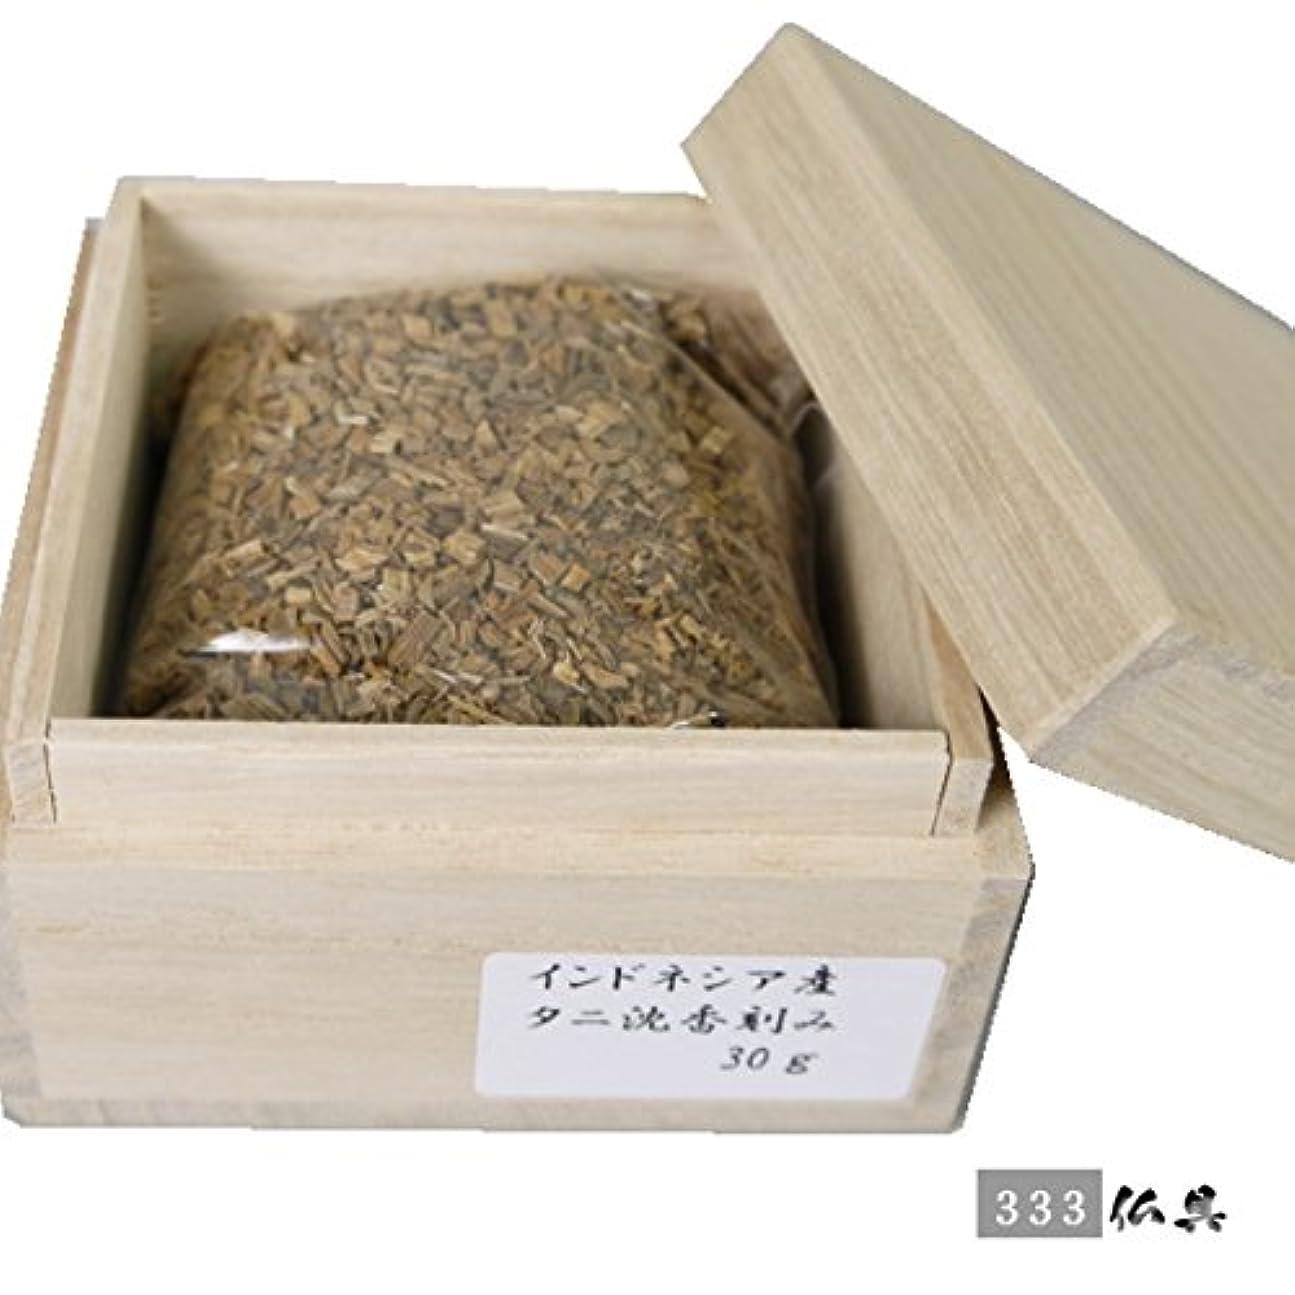 実質的土器行為沈香 インドネシア産 タニ沈香 刻み 30g